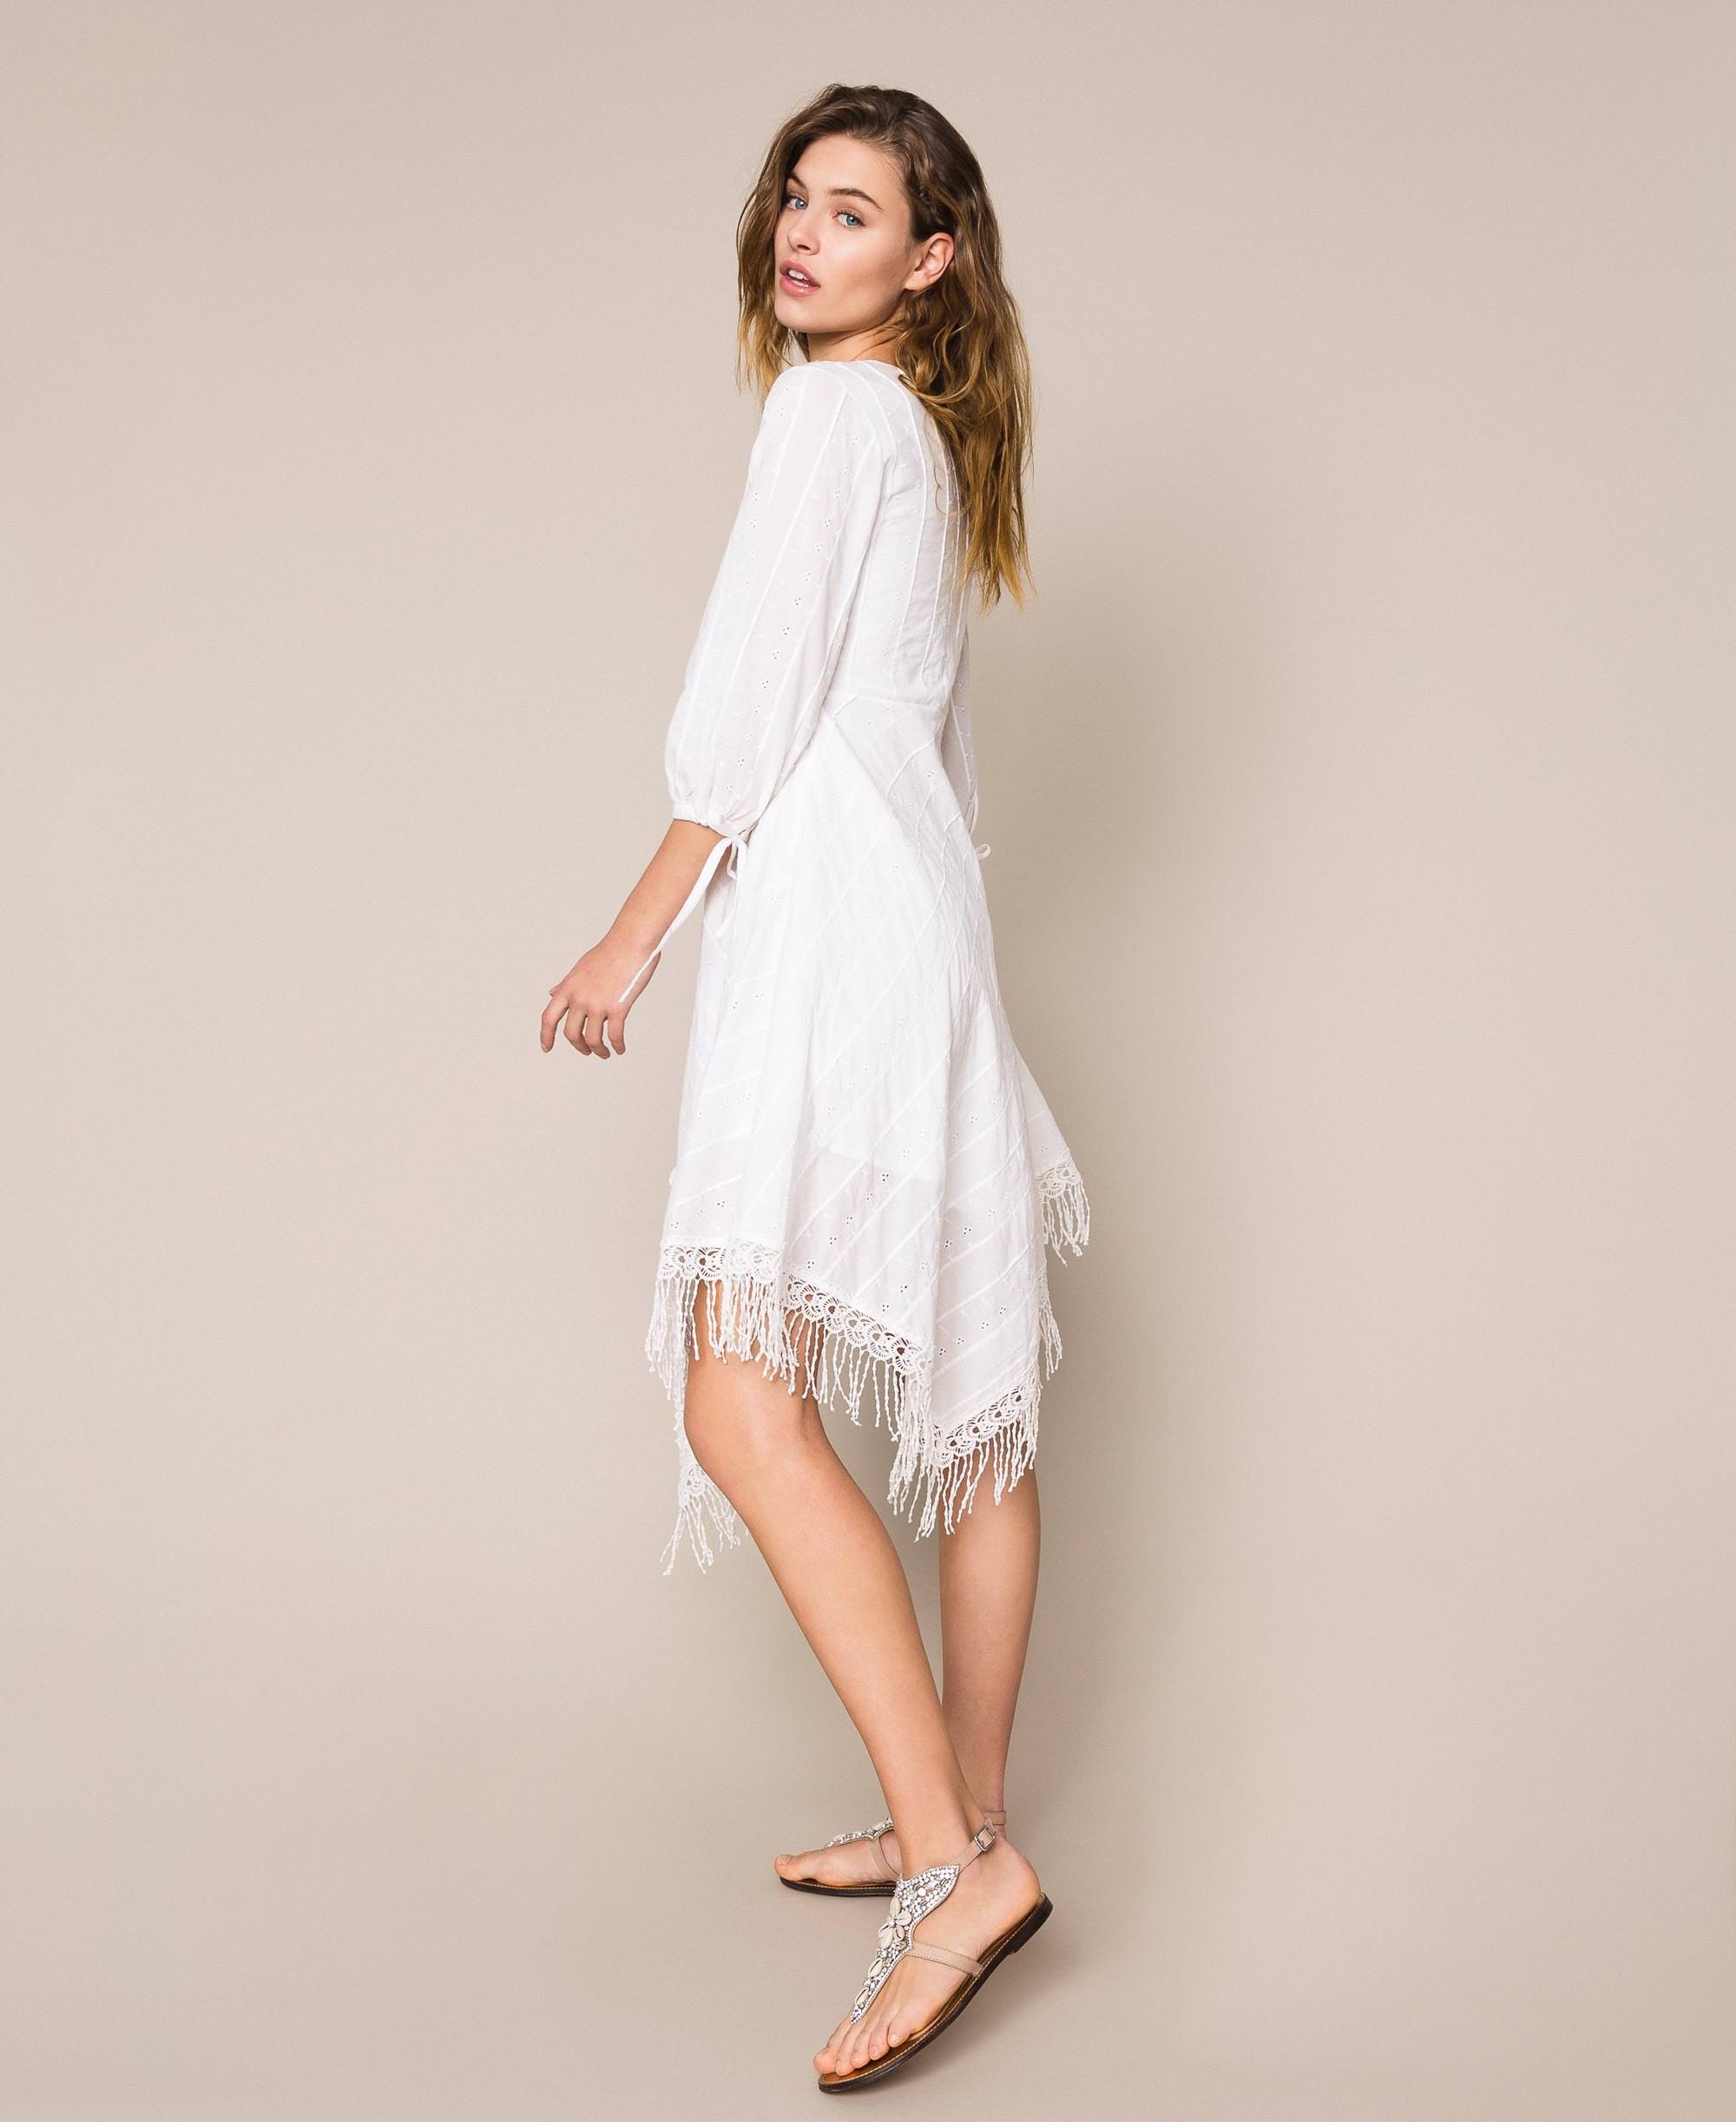 Kleid Mit Lochstickerei Und Häkelarbeit